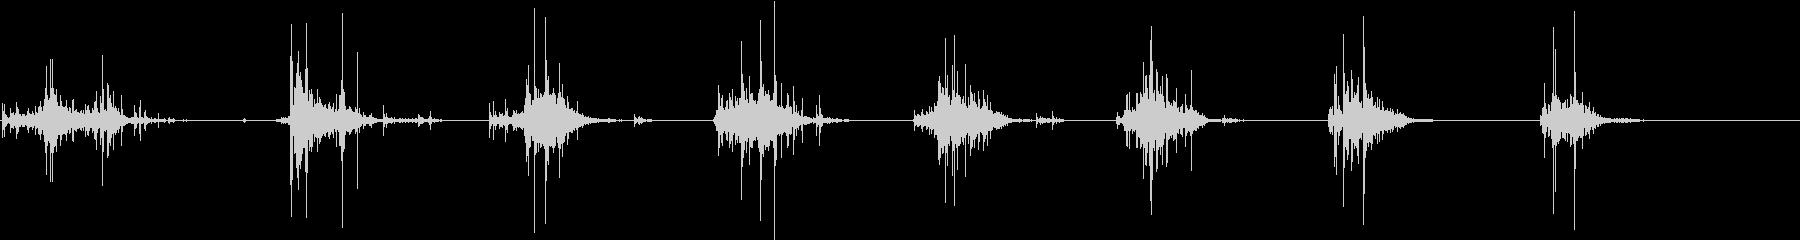 【生録音】野菜を包丁で切る音 30 深めの未再生の波形